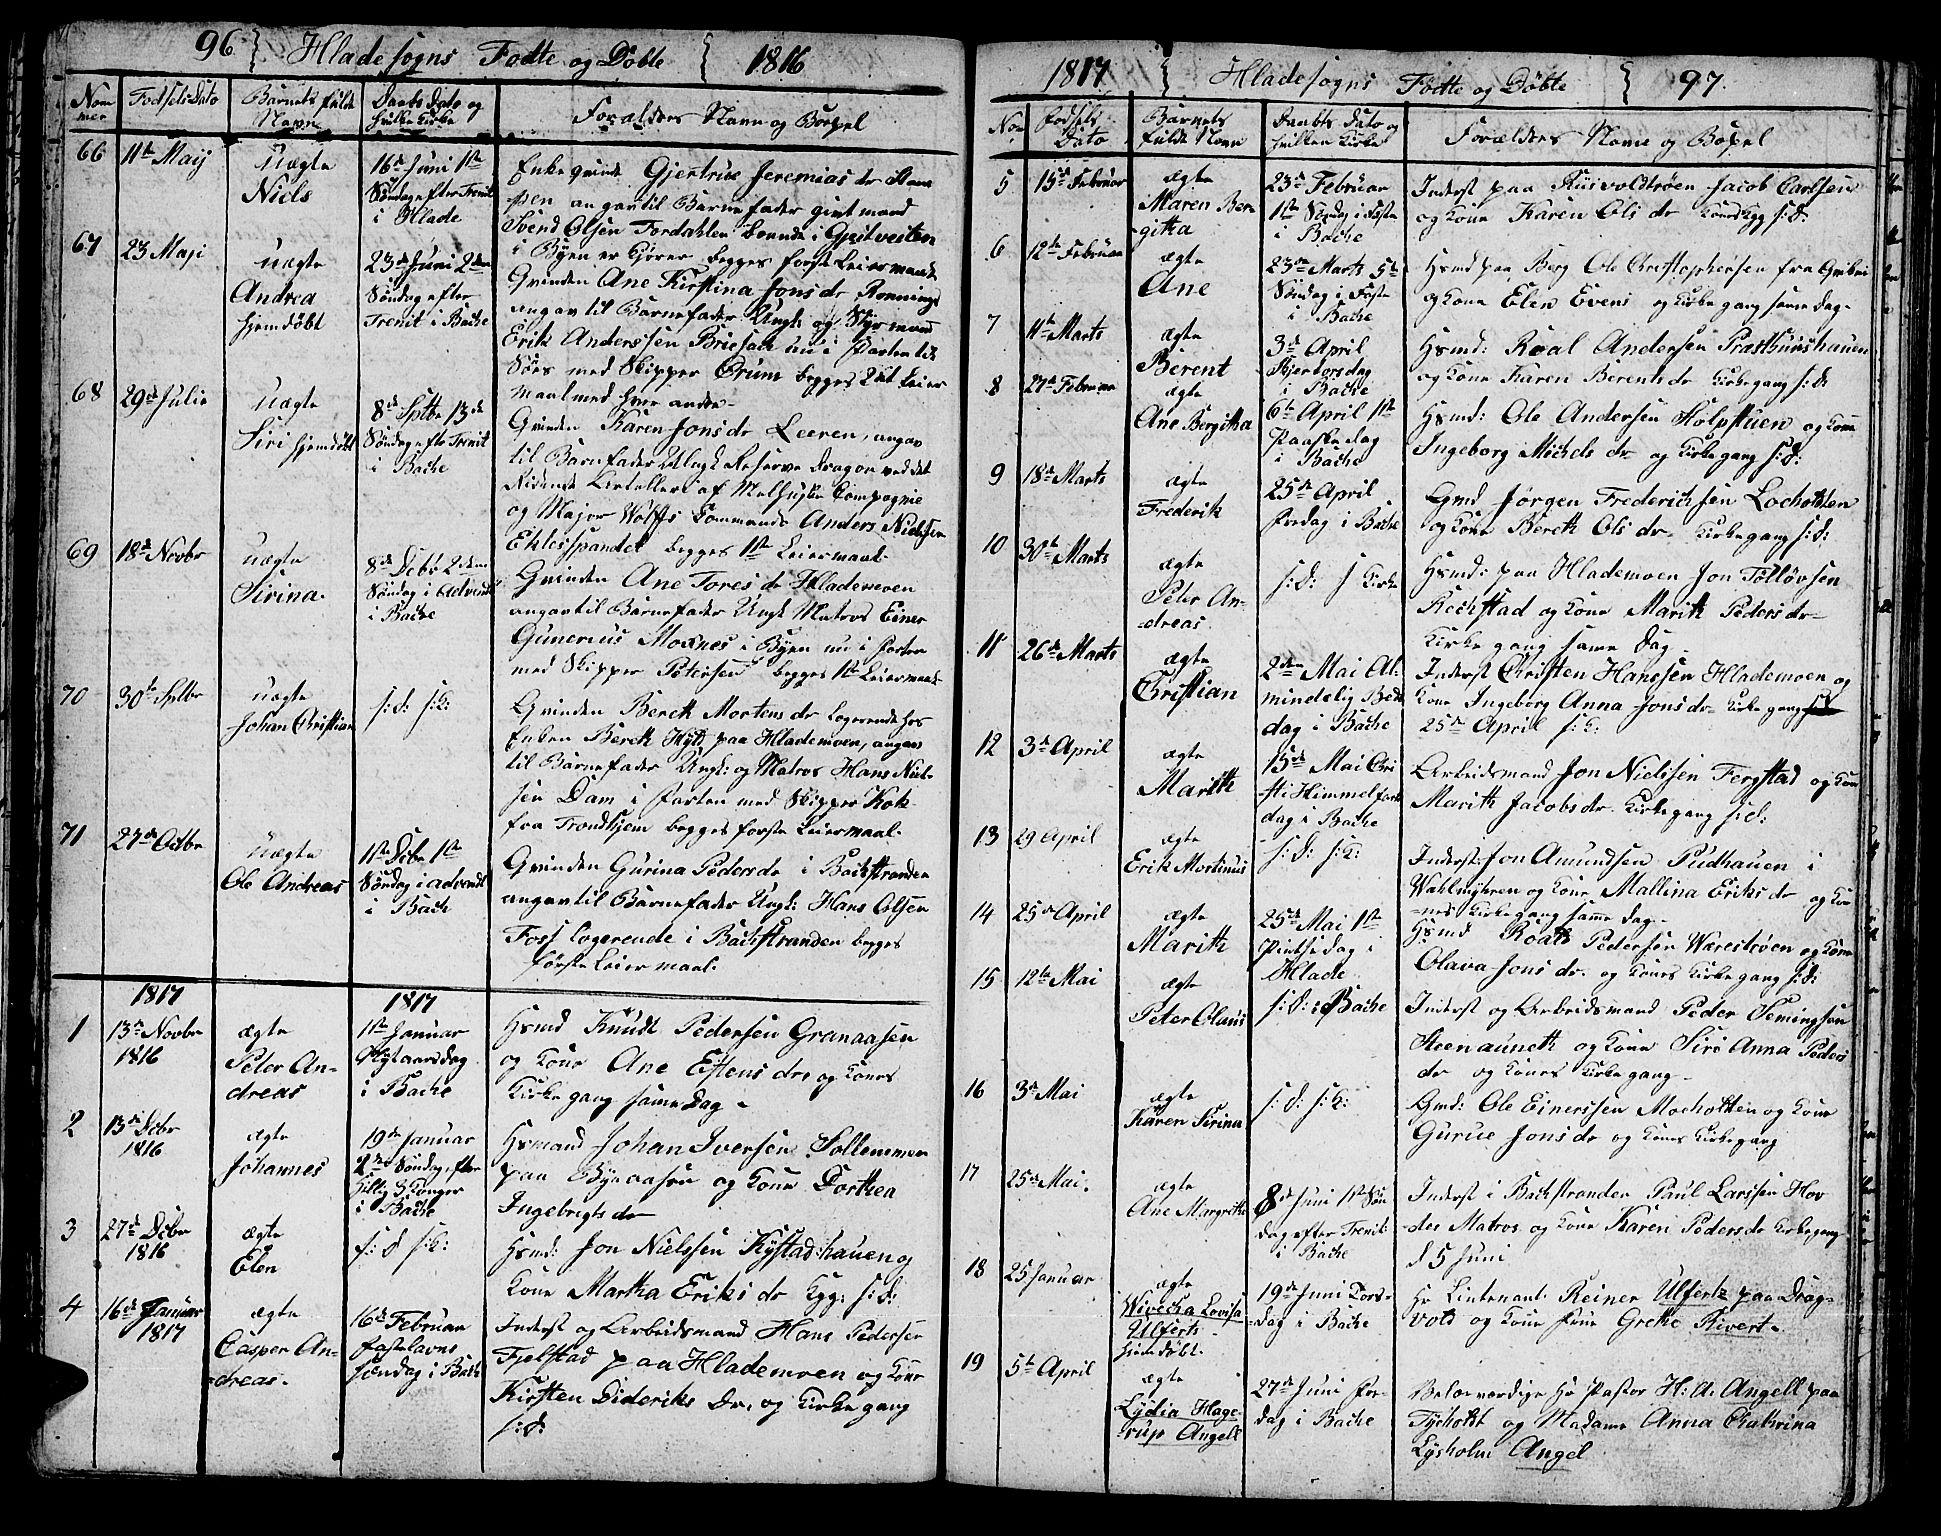 SAT, Ministerialprotokoller, klokkerbøker og fødselsregistre - Sør-Trøndelag, 606/L0306: Klokkerbok nr. 606C02, 1797-1829, s. 96-97